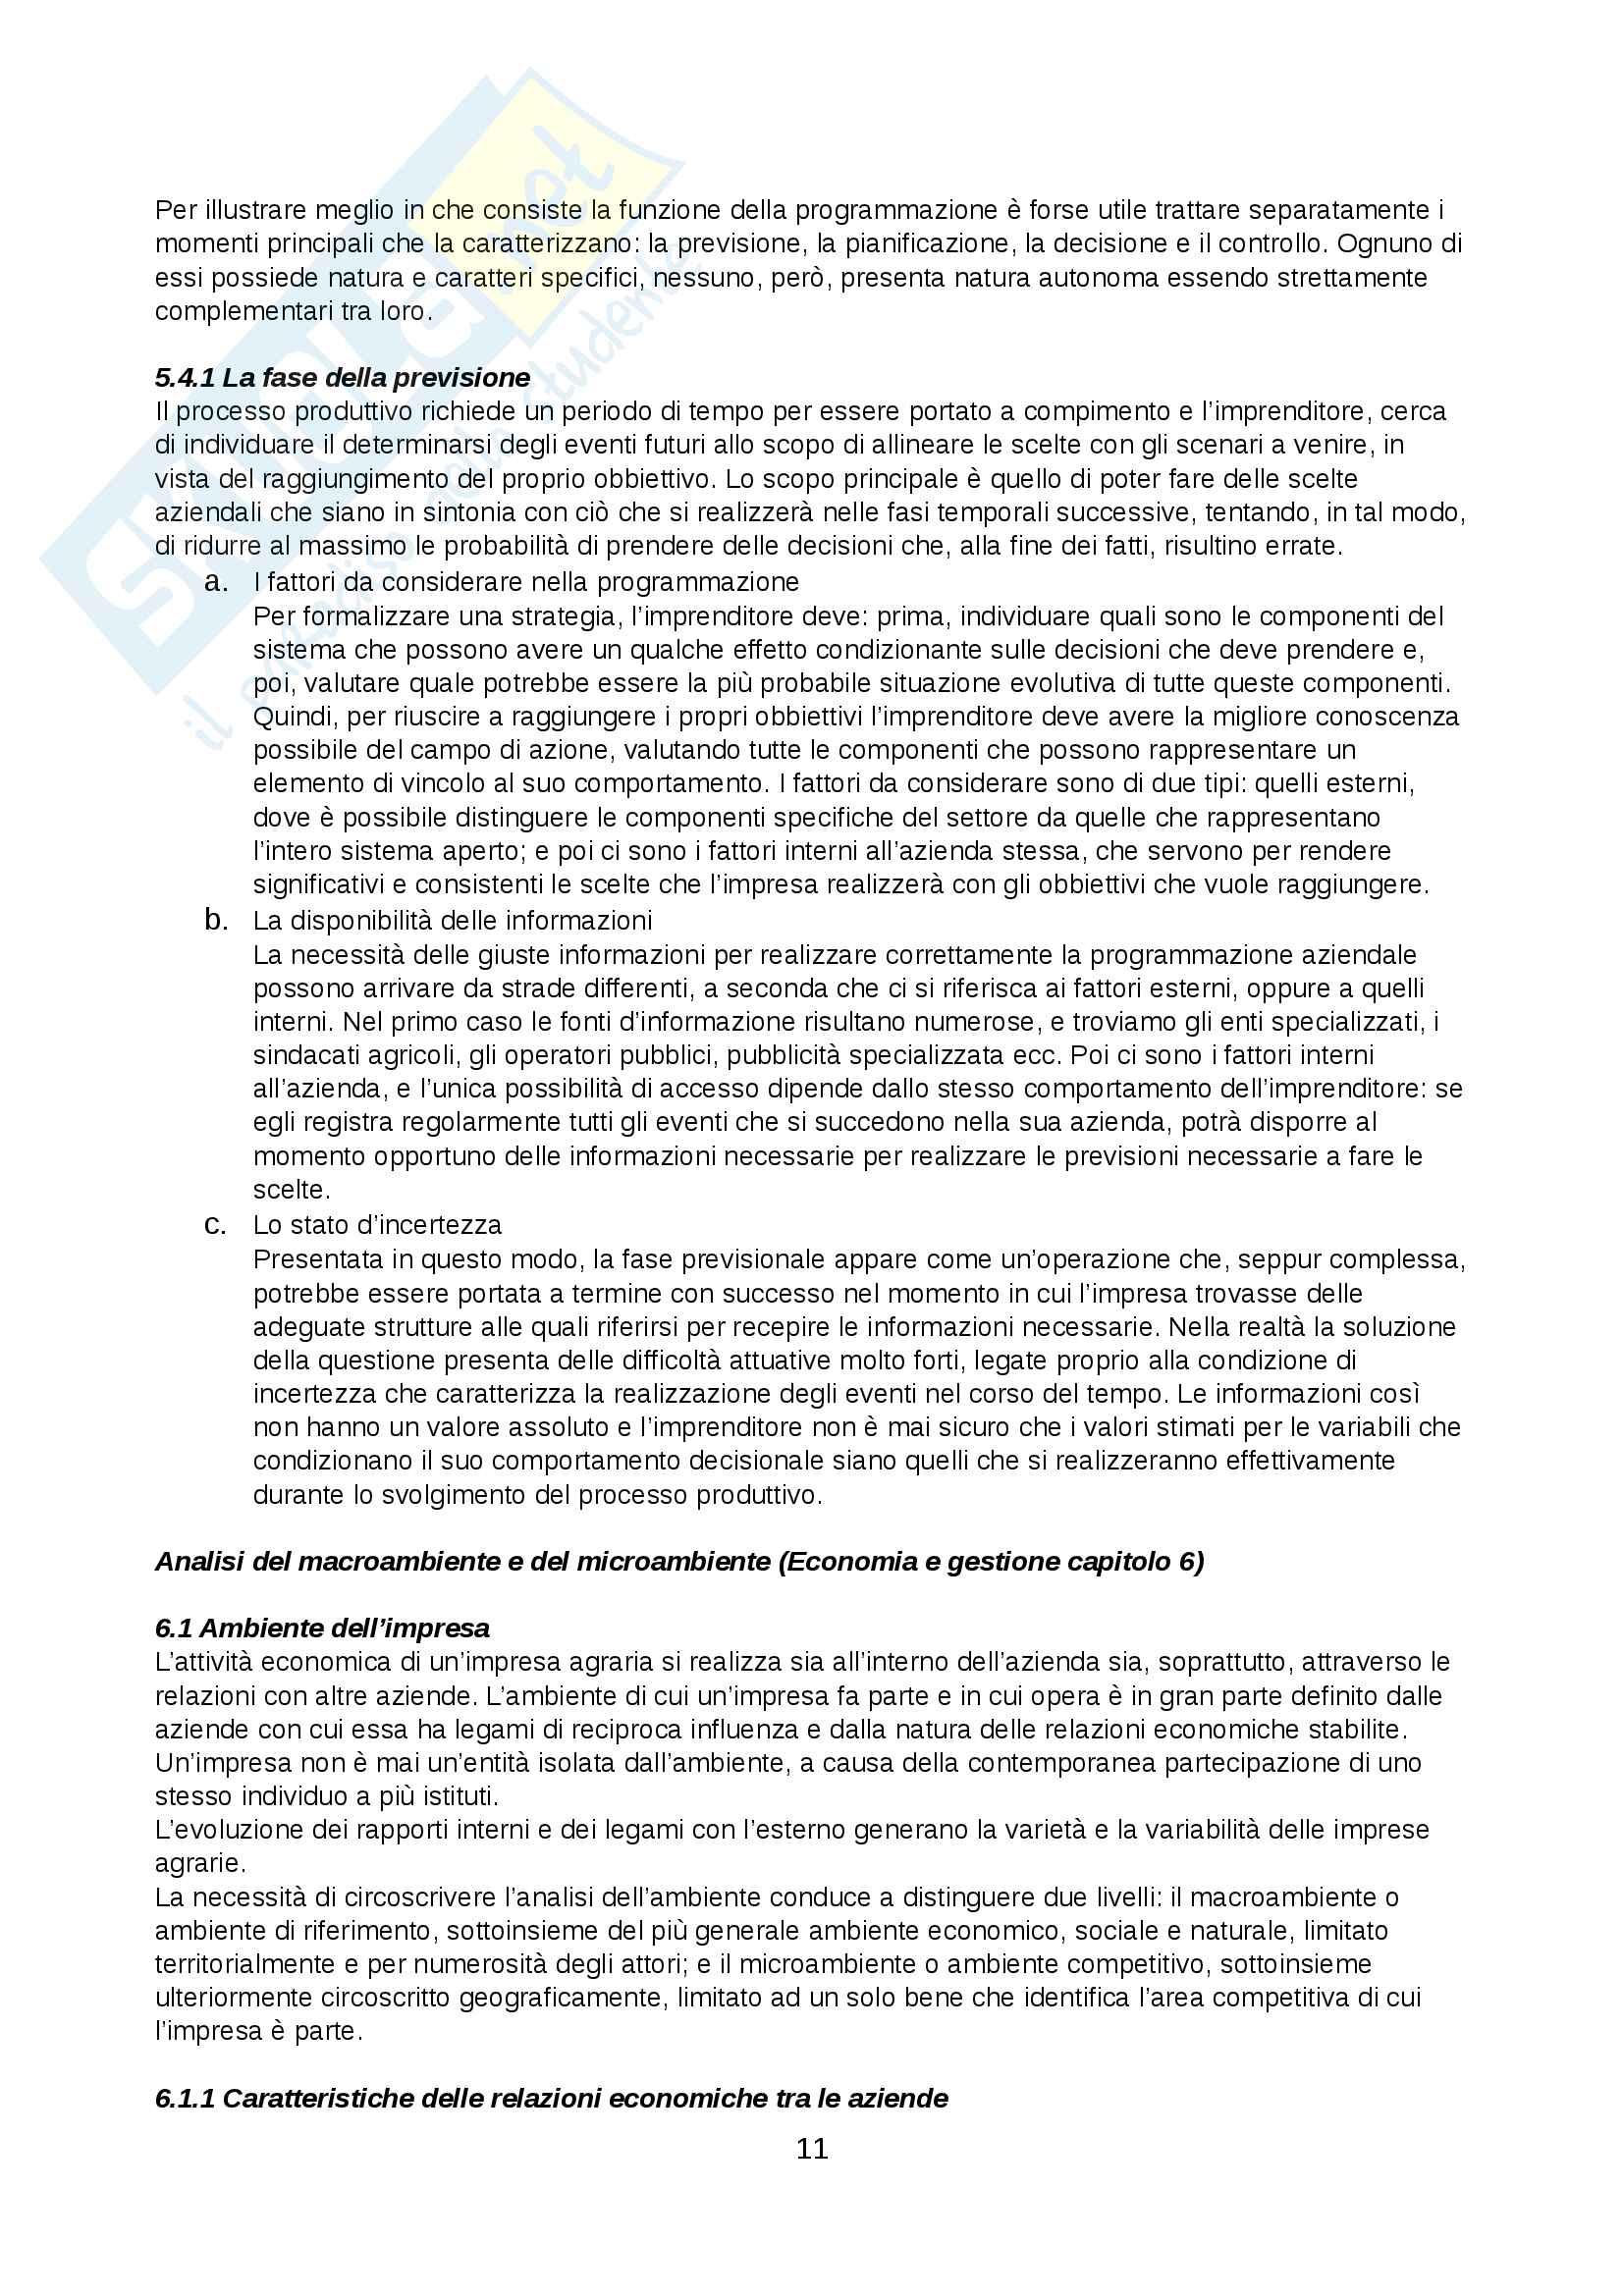 Riassunti Economia Agraria Pag. 11